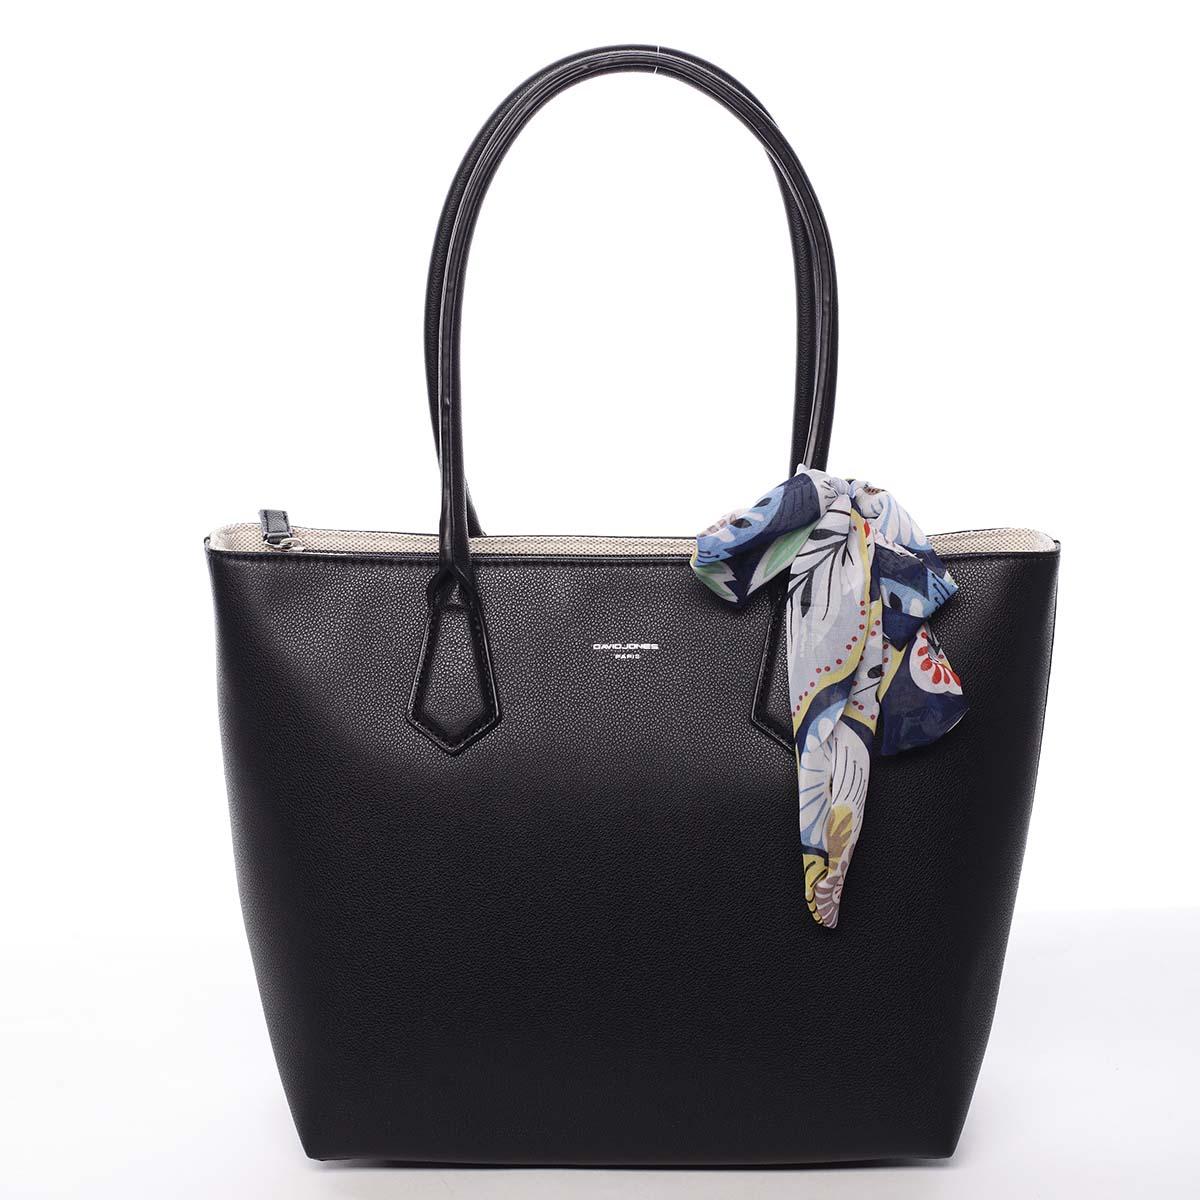 Veľká dámska kabelka cez rameno čierna - David Jones Lowe čierna